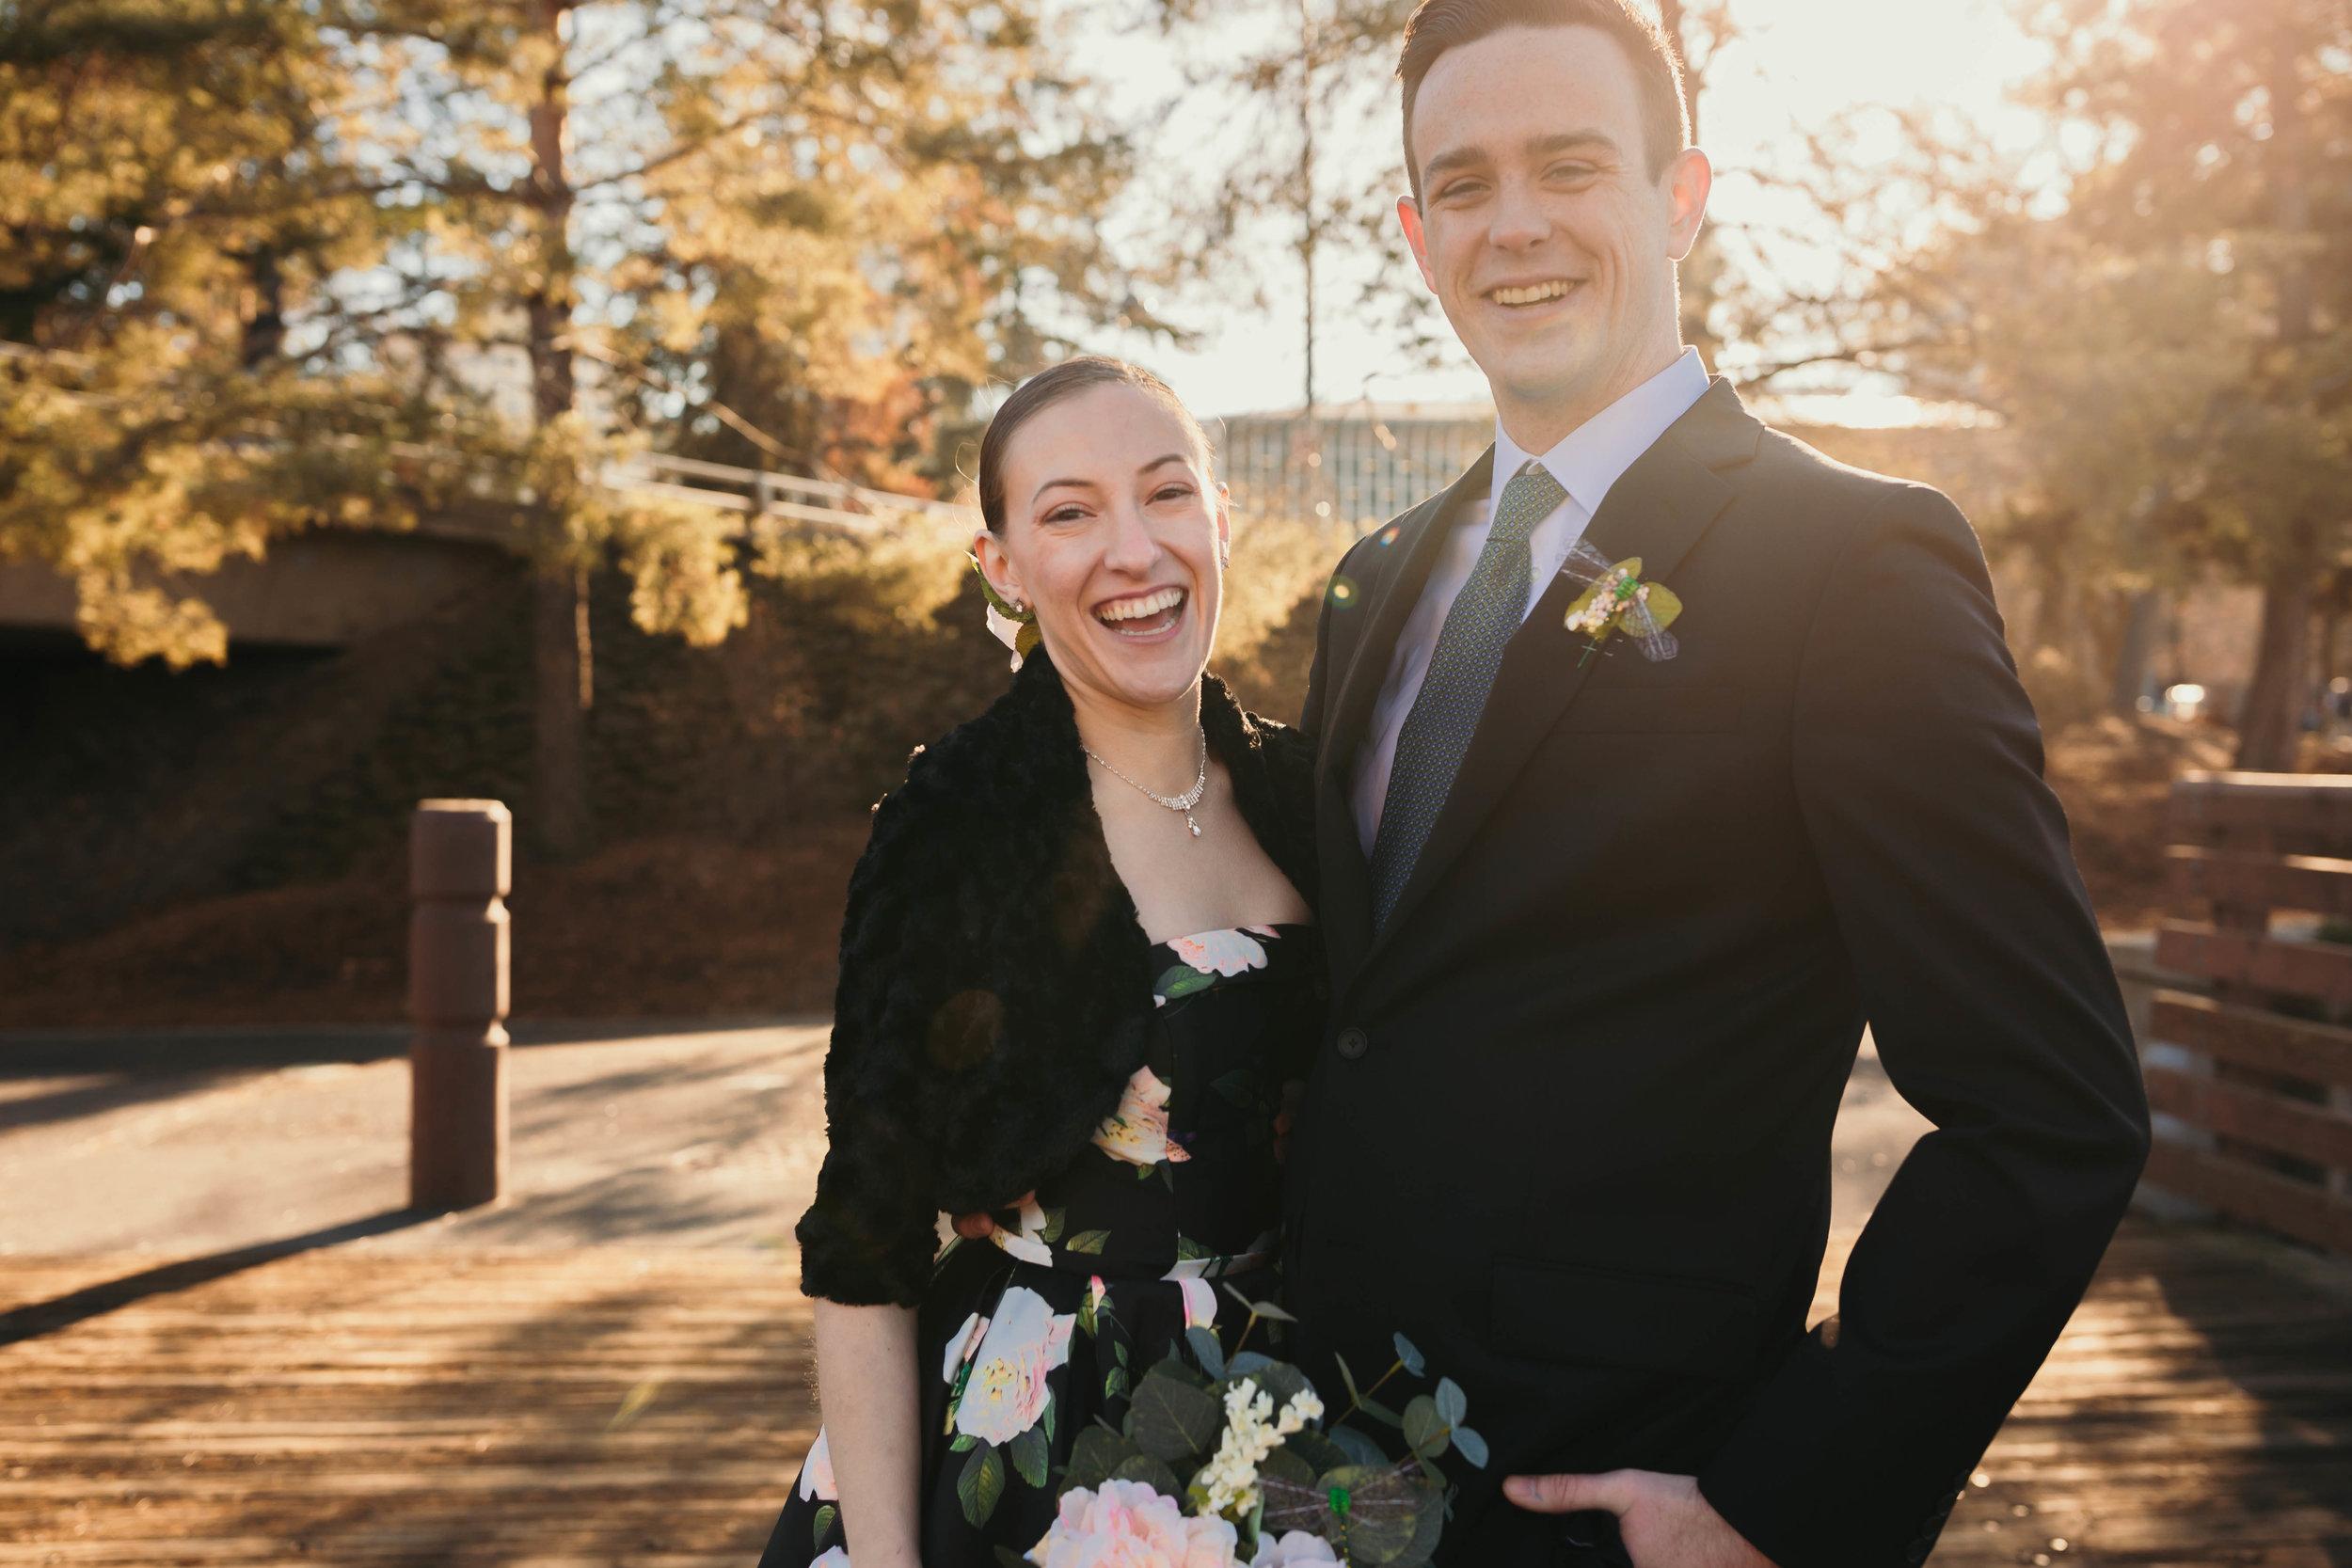 izzy+jacob-weddingsneakpeekblog-74.jpg